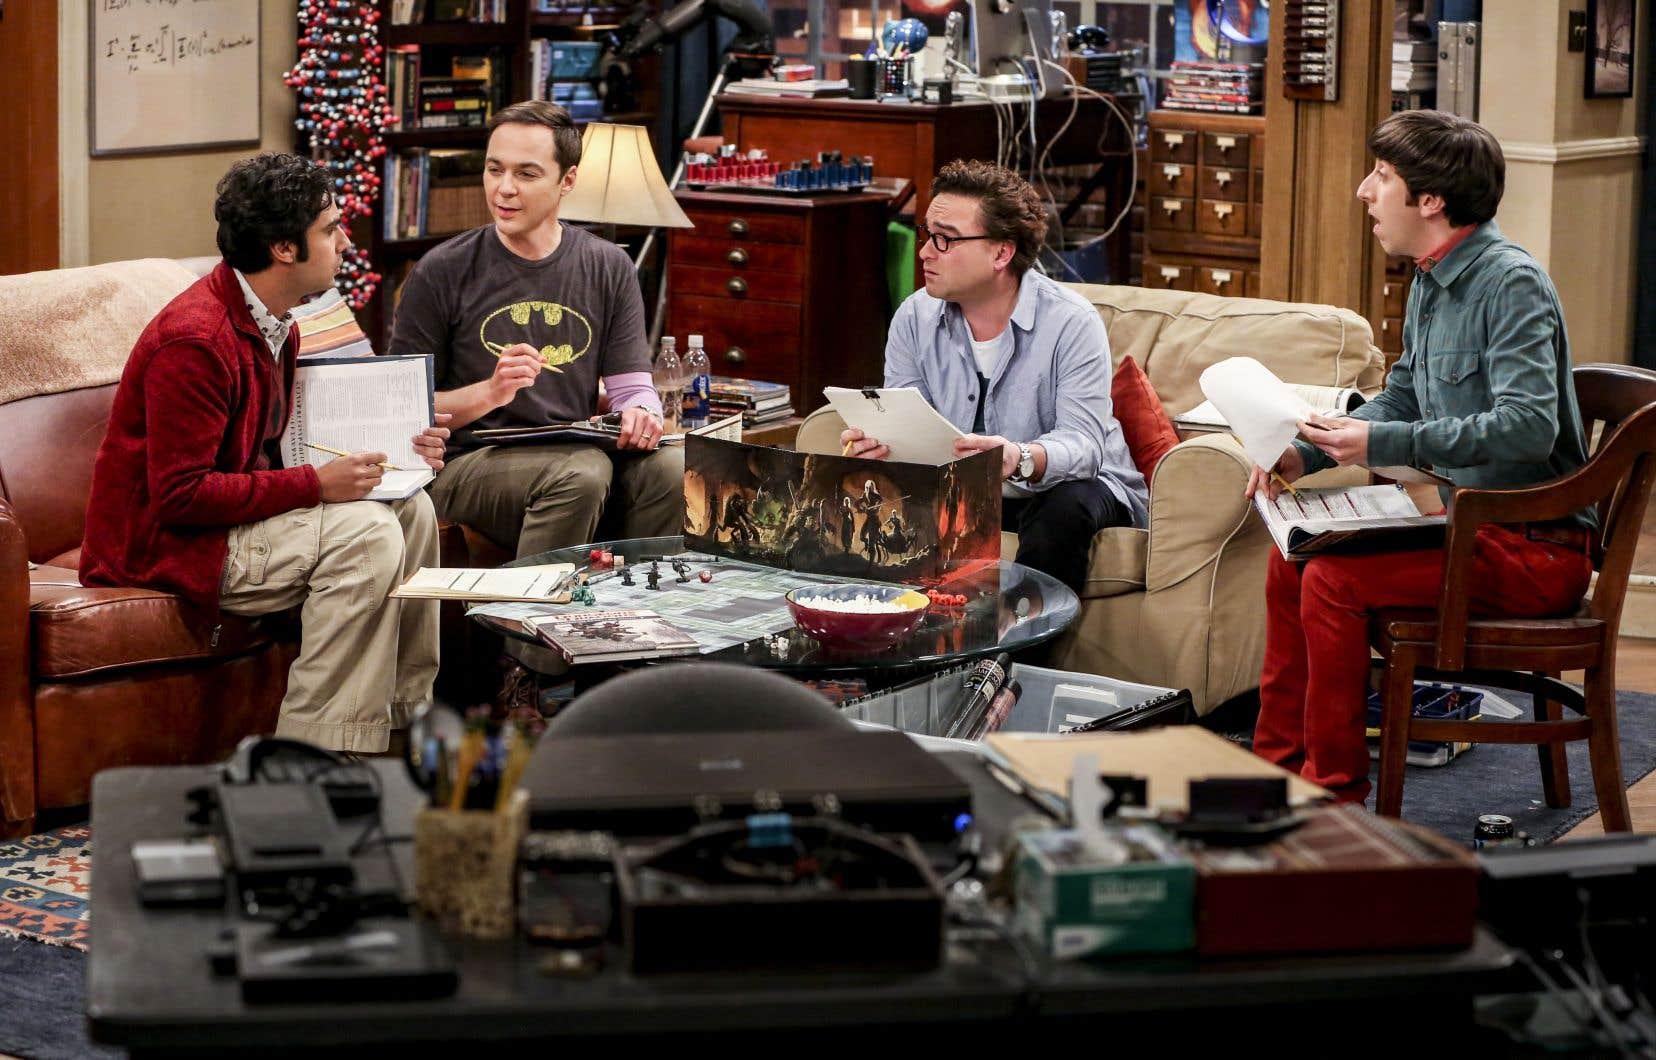 C'est fini pour la comédie de situation chérie de CBS, dont le dernier épisode sera diffusé jeudi. Après douze saisons. Deux cent soixante-dix-neuf épisodes. Et des cotes d'écoute astronomiques, qui avoisinaient l'an dernier les 19millions de téléspectateurs (aux États-Unis seulement).